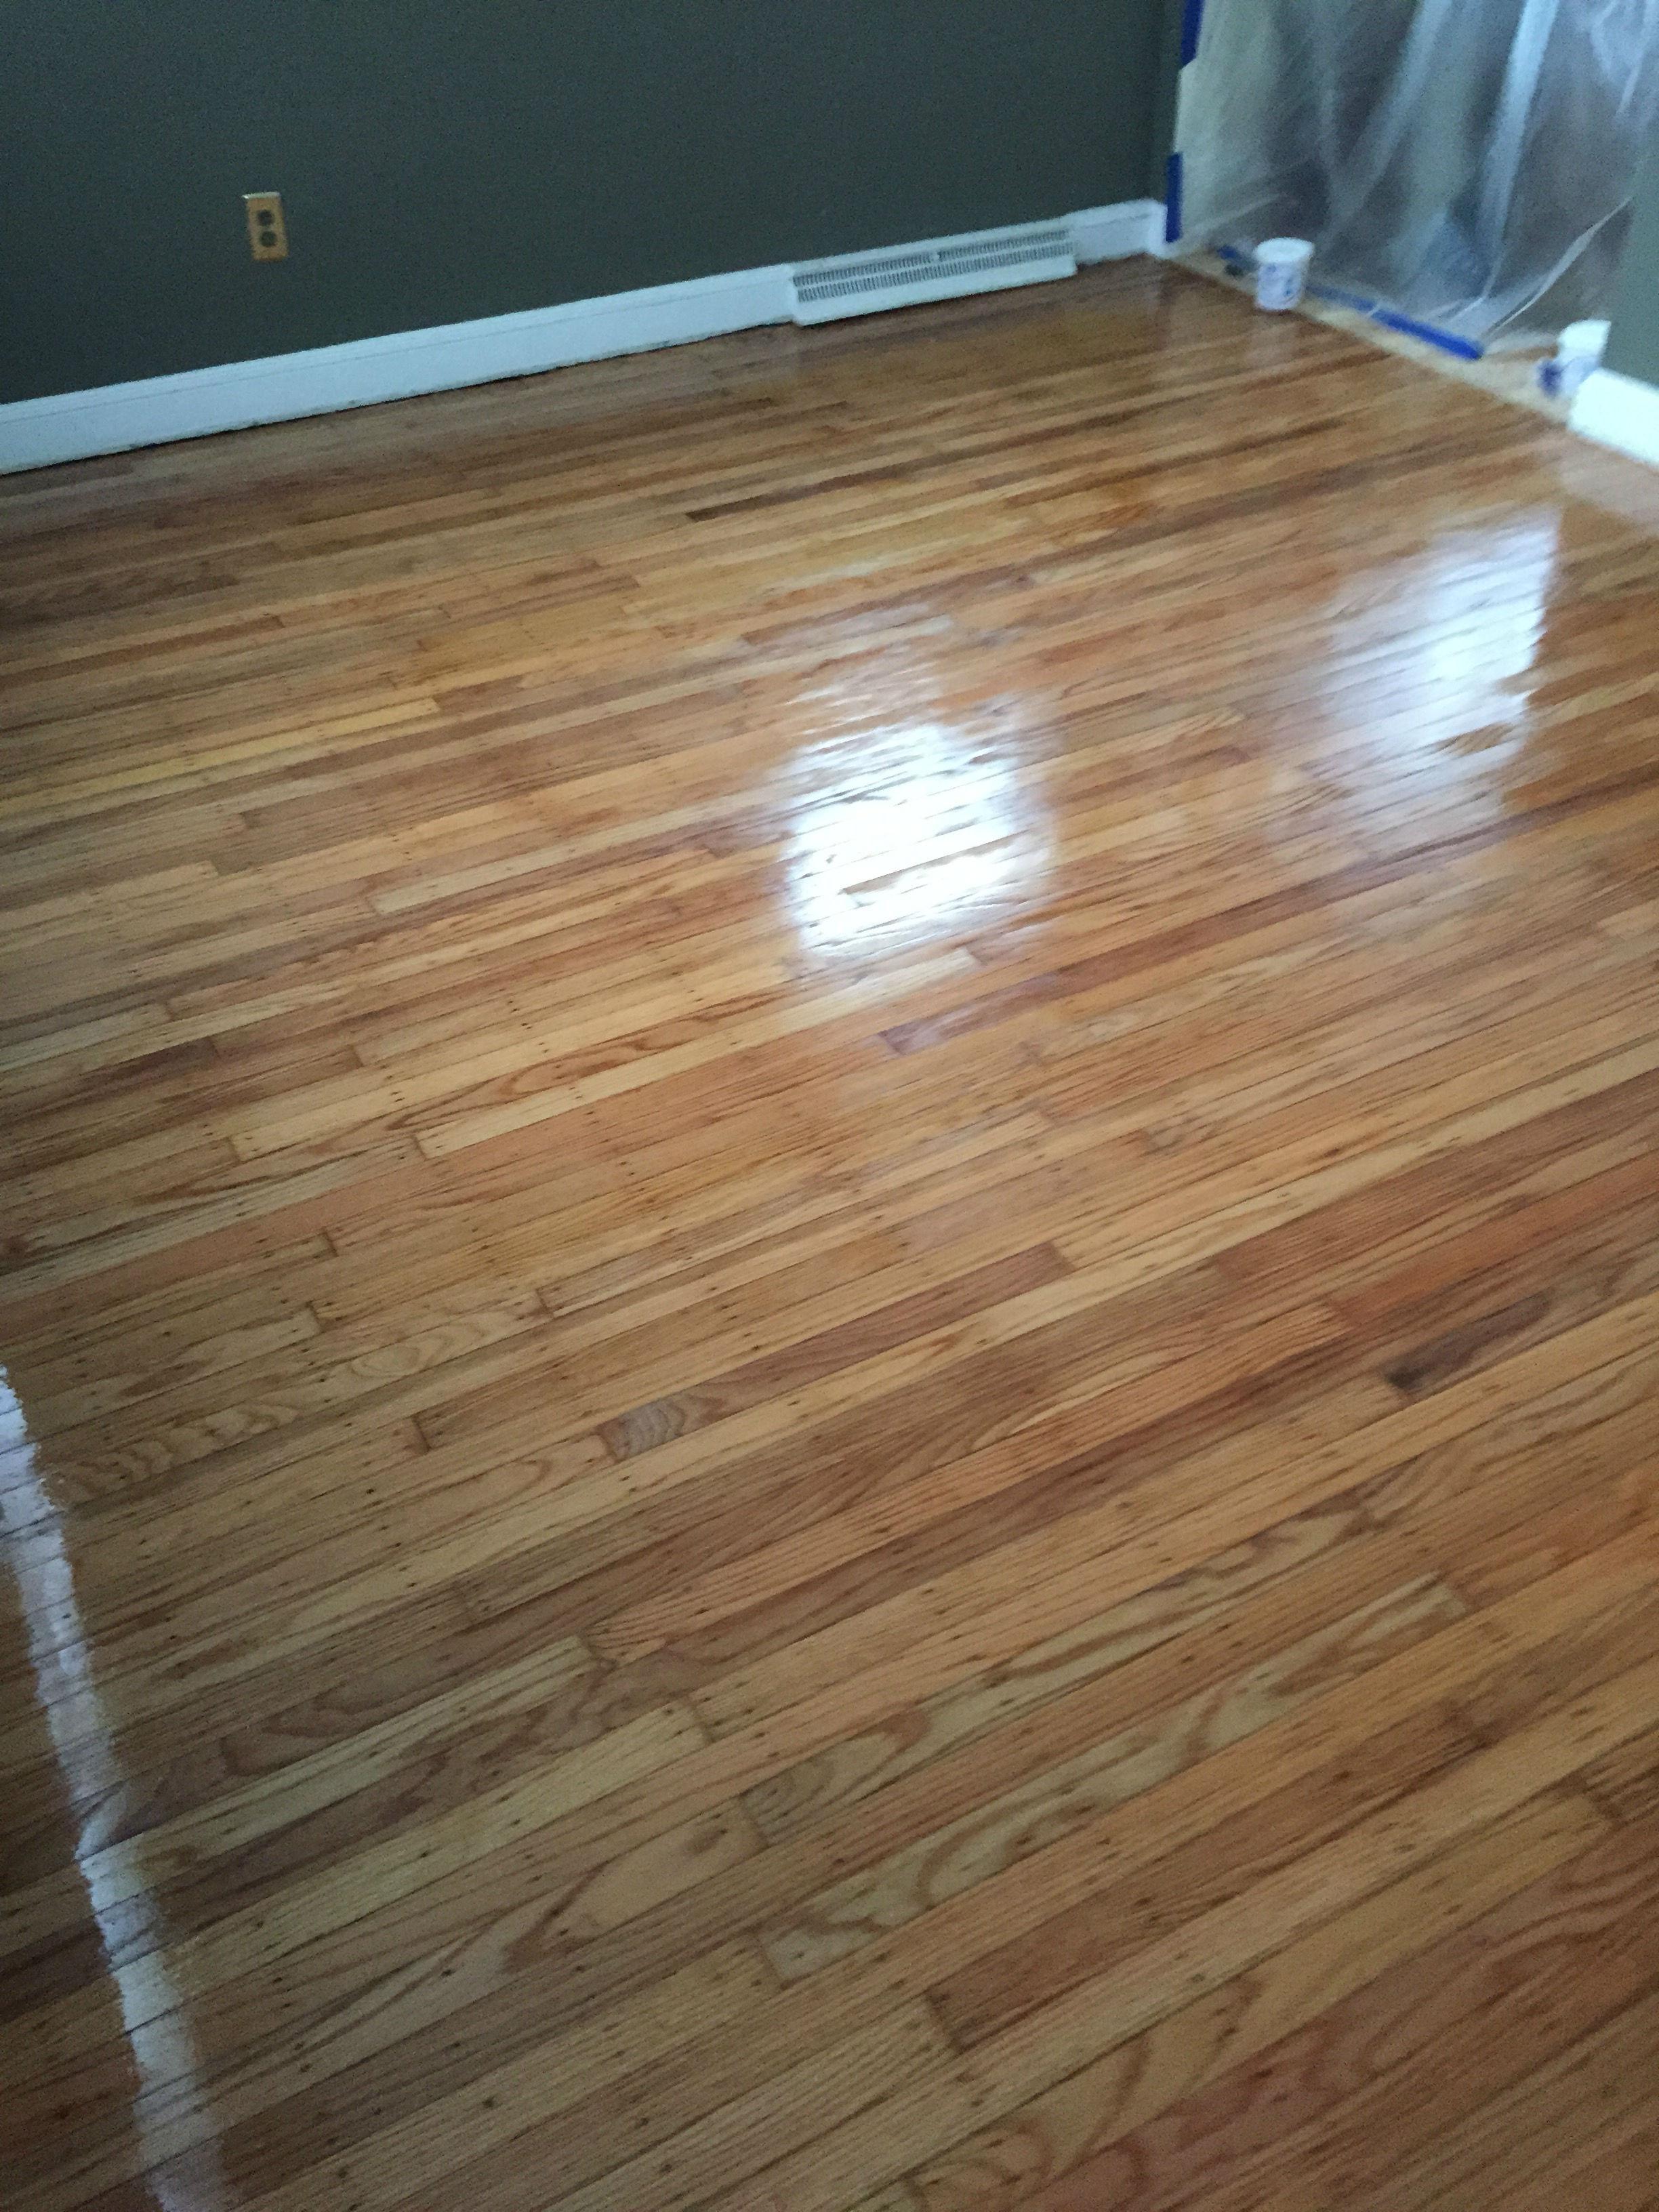 Joe DiNardis Hardwood Floors Refinishing image 14